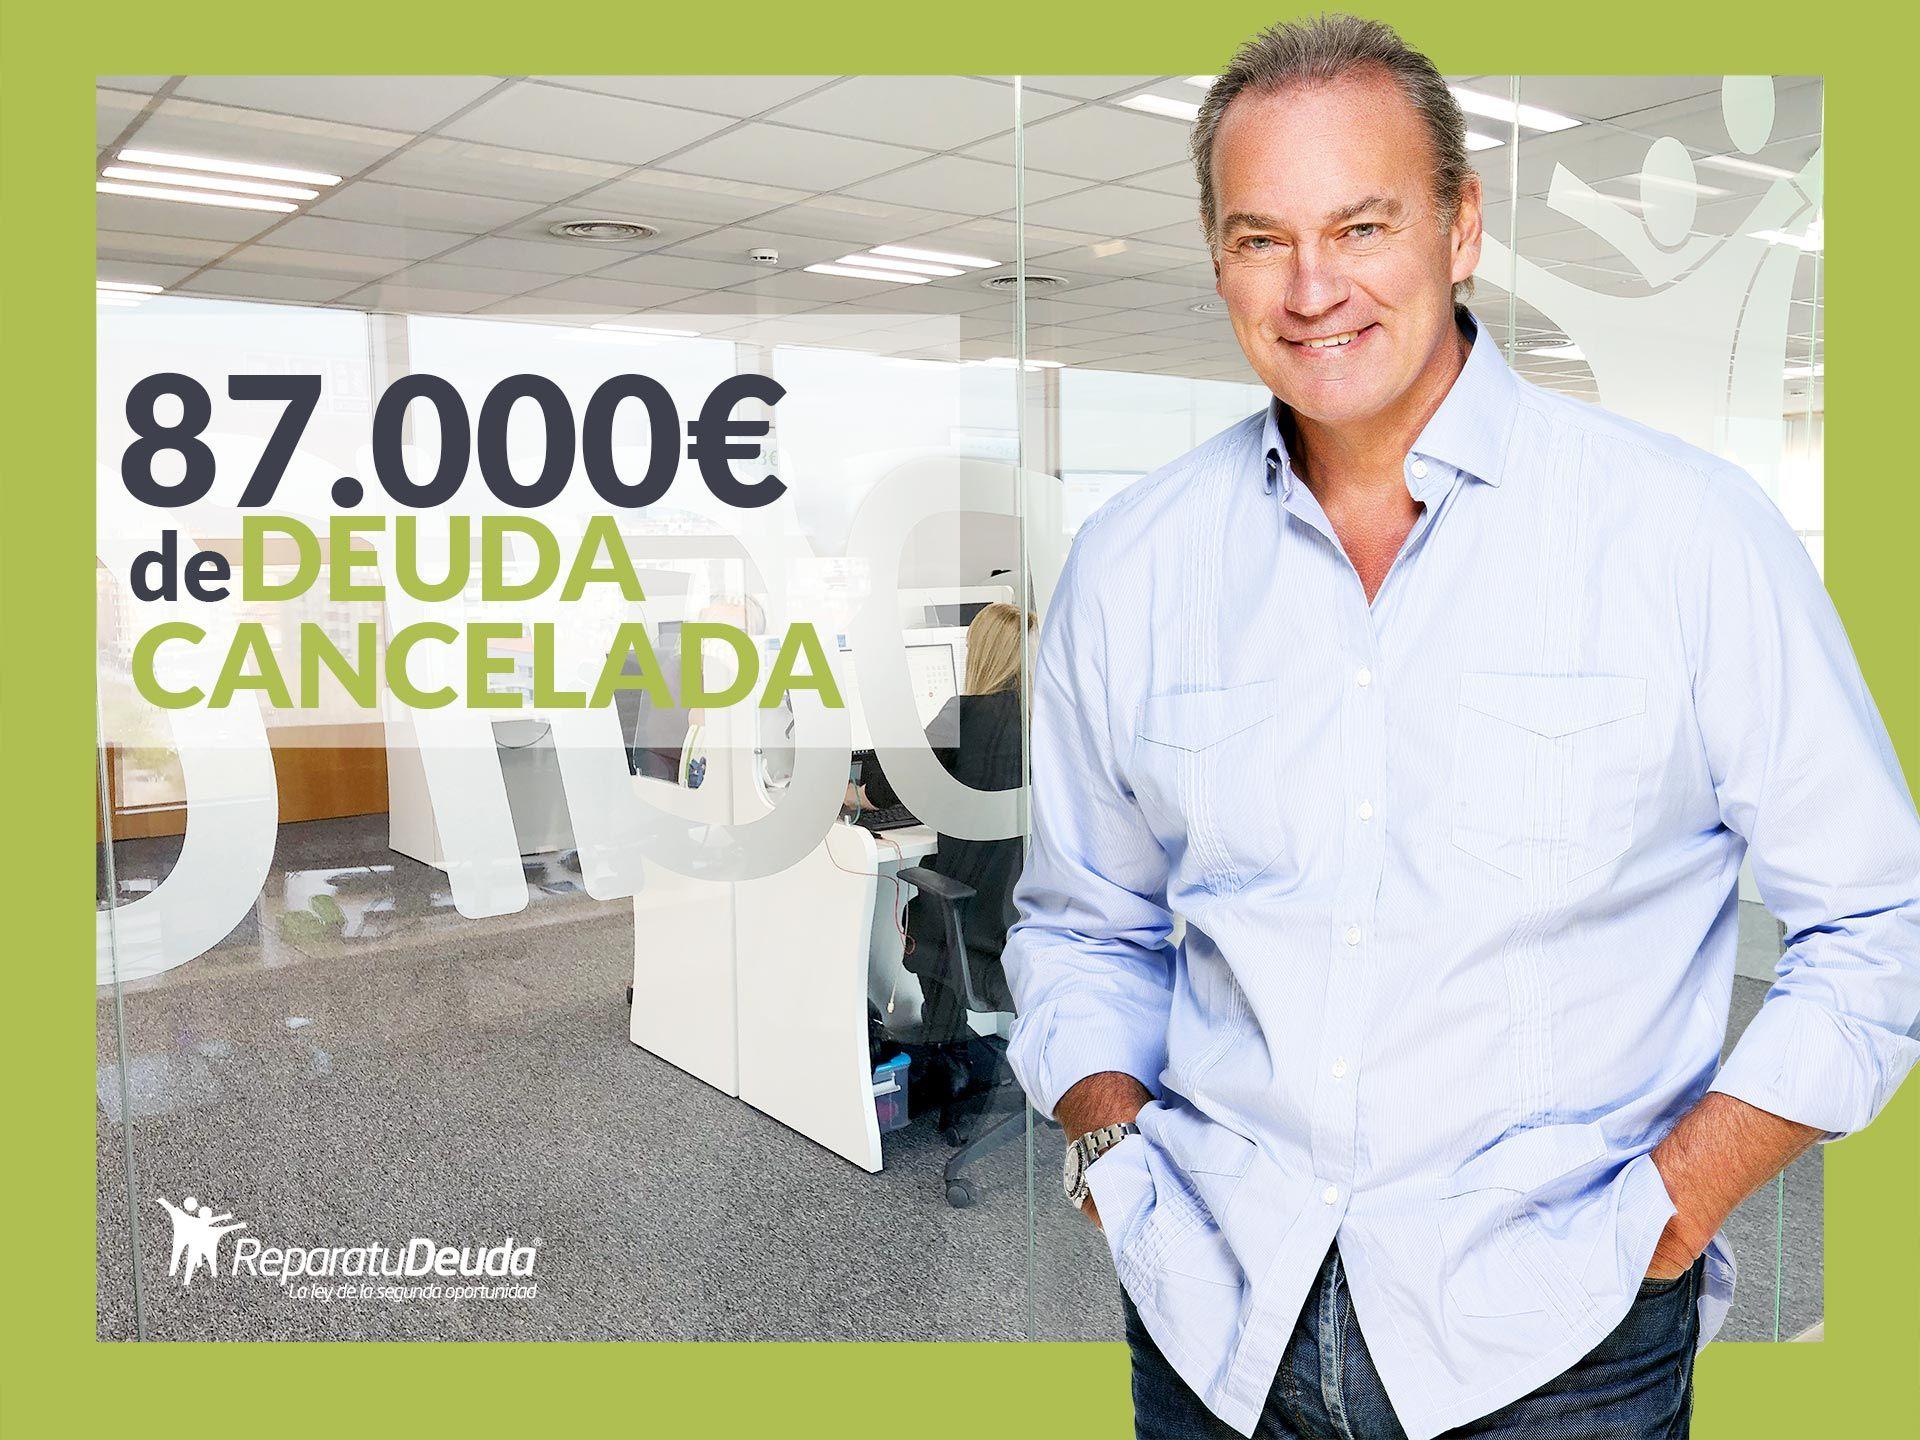 Repara tu Deuda Abogados cancela 87.000? en Vigo (Pontevedra) gracias a la Ley de Segunda Oportunidad